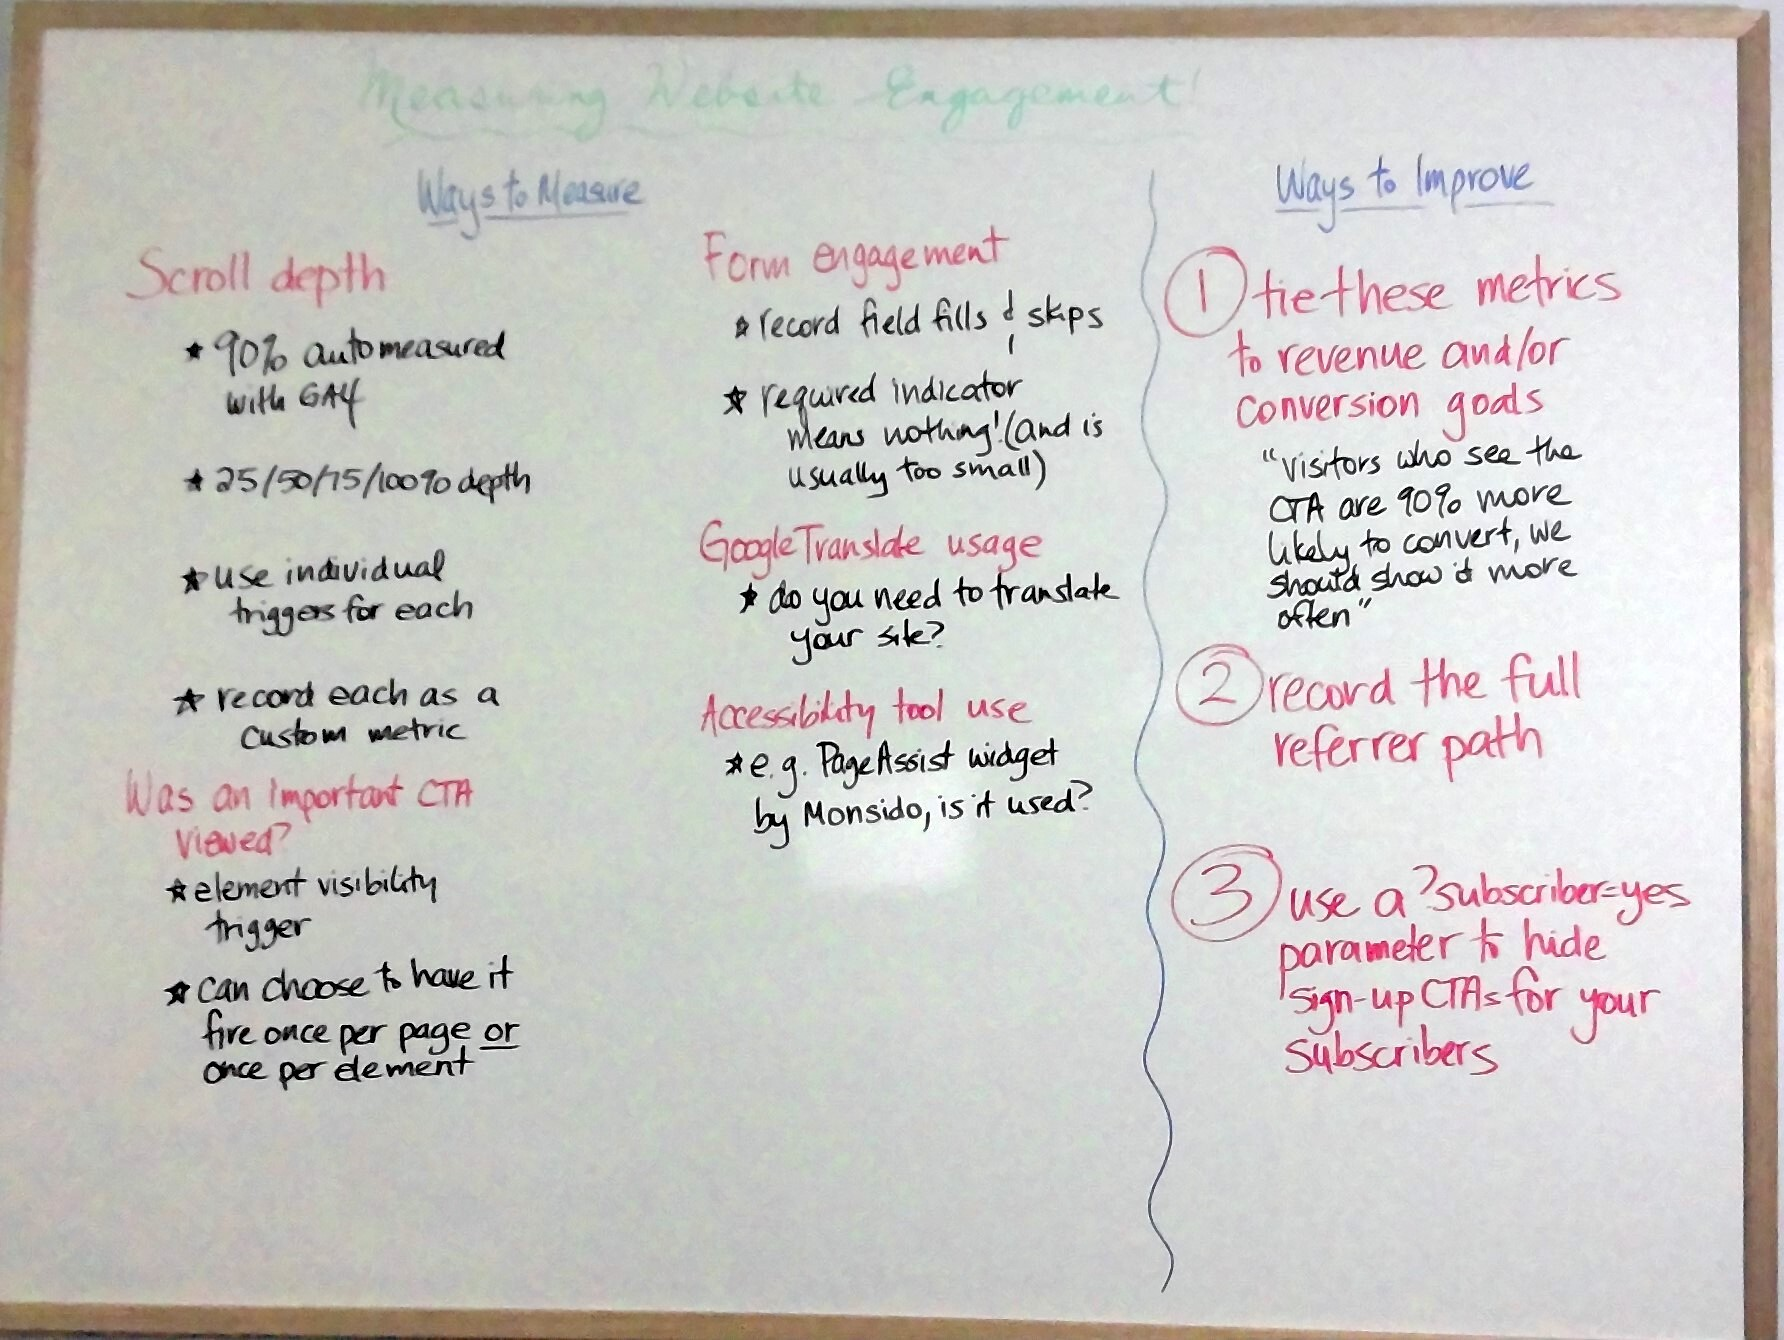 عکس 5 راه برای اندازه گیری و 3 نکته برای بهبود درگیری وب سایت